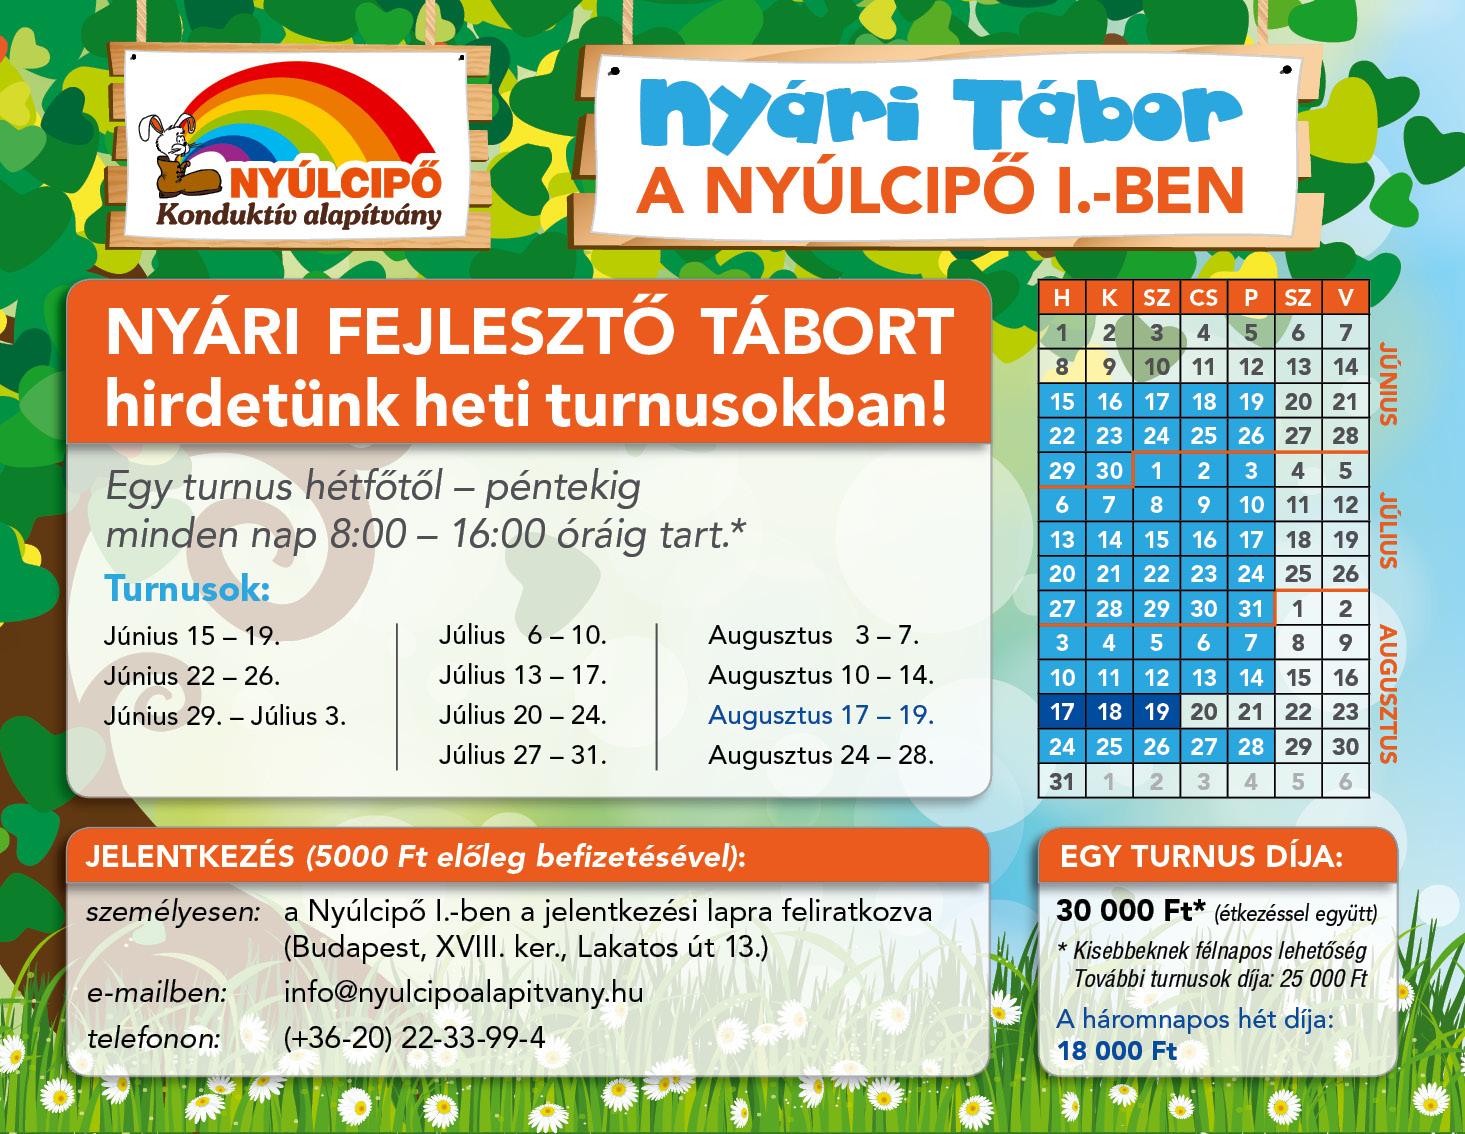 2015. Nyári Tábor - 18. kerület, Nyúlcipő 1.